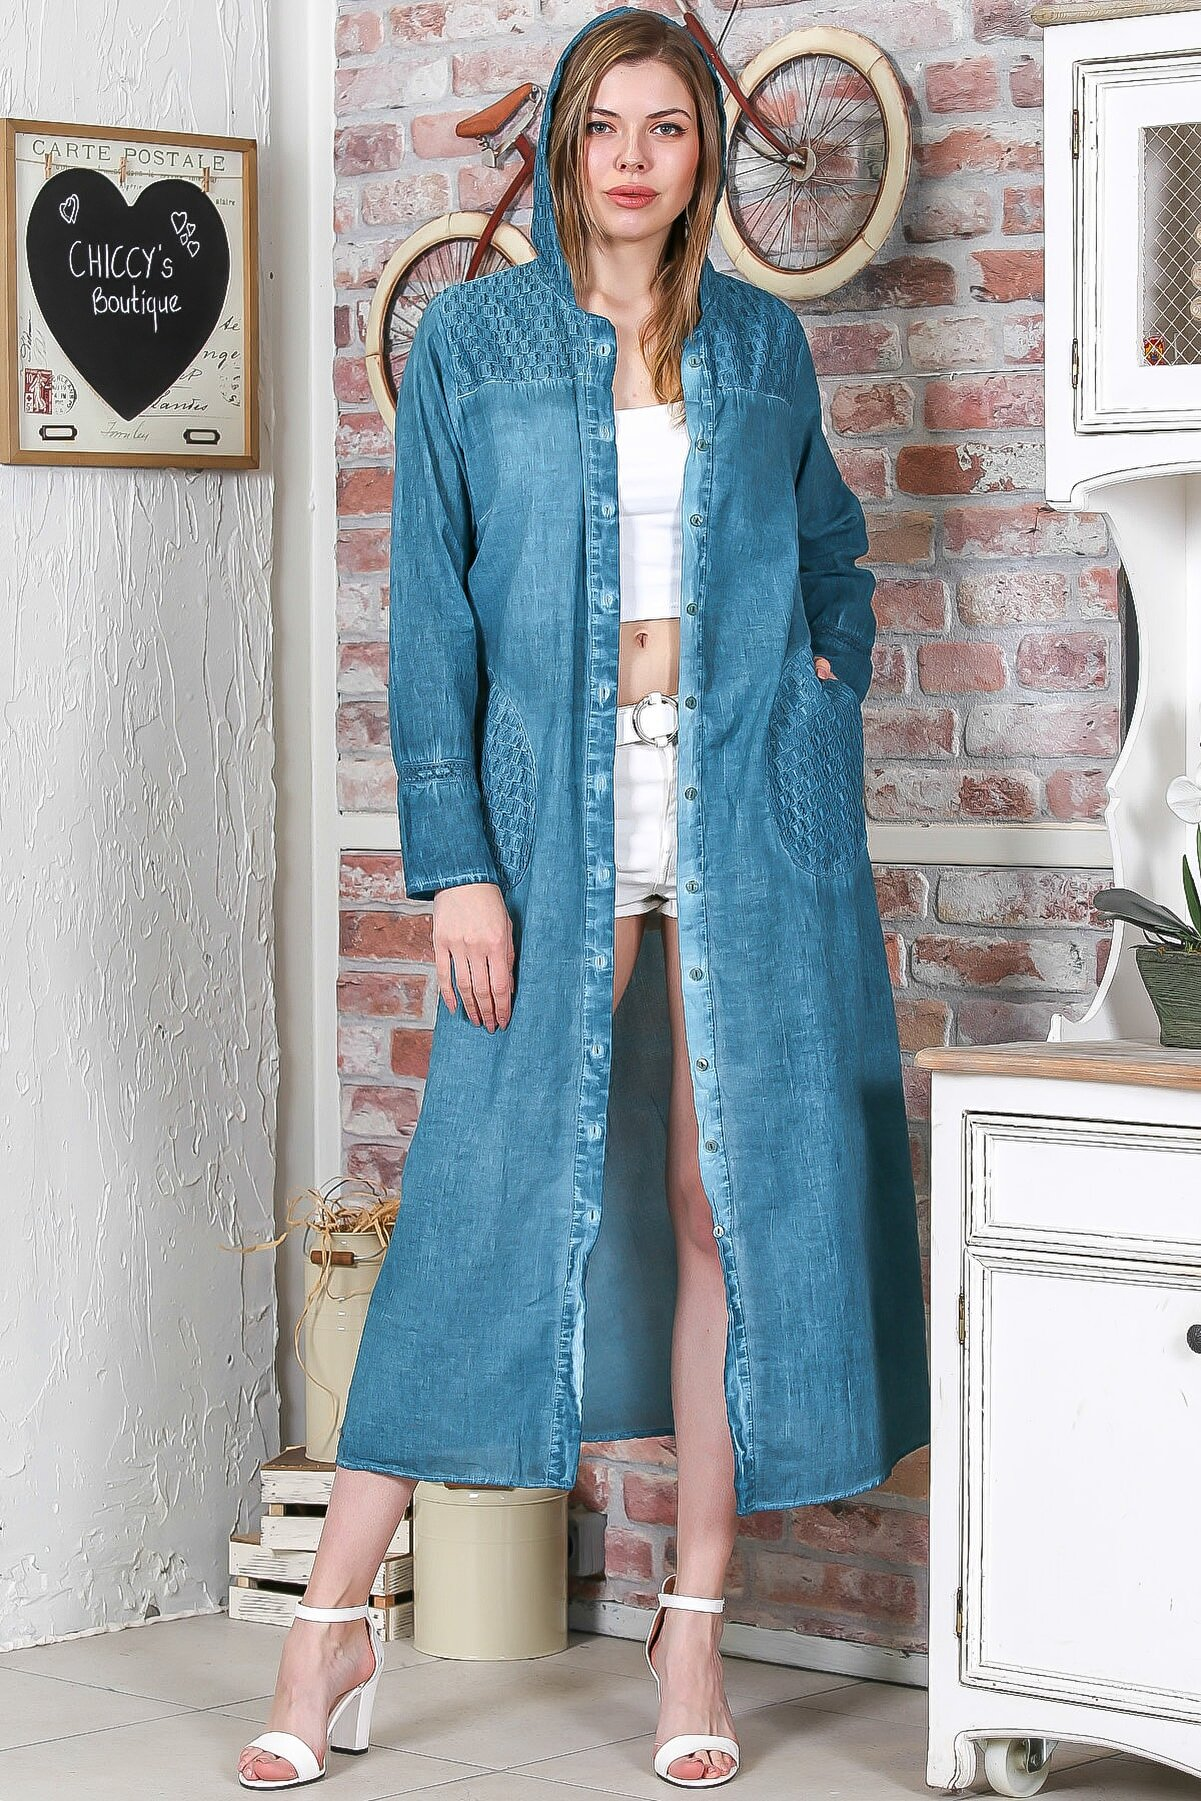 Chiccy Kadın Petrol Mavi  Omuzları Cepleri Dantel Kapüşonlu Yıkamalı Uzun Ceket M10210100CE99043